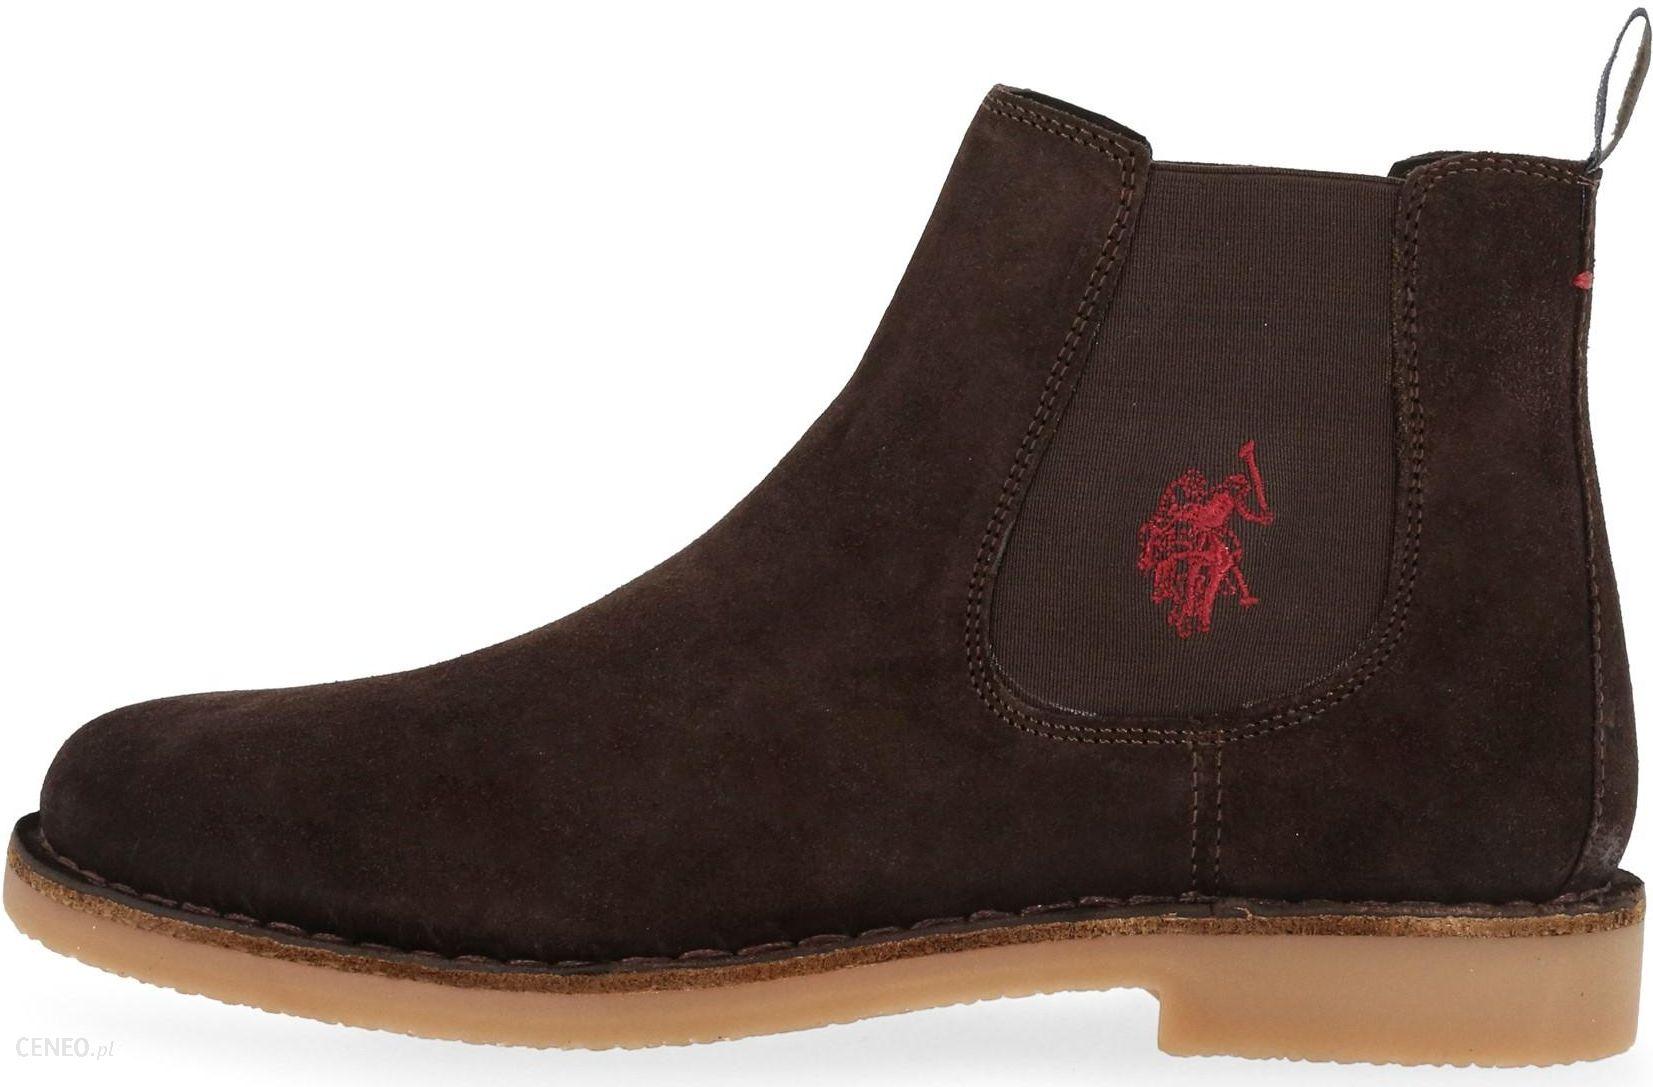 3ceaa61da725d U.S. POLO ASSN. buty za kostkę męskie Must 45 brązowy - Ceny i ...